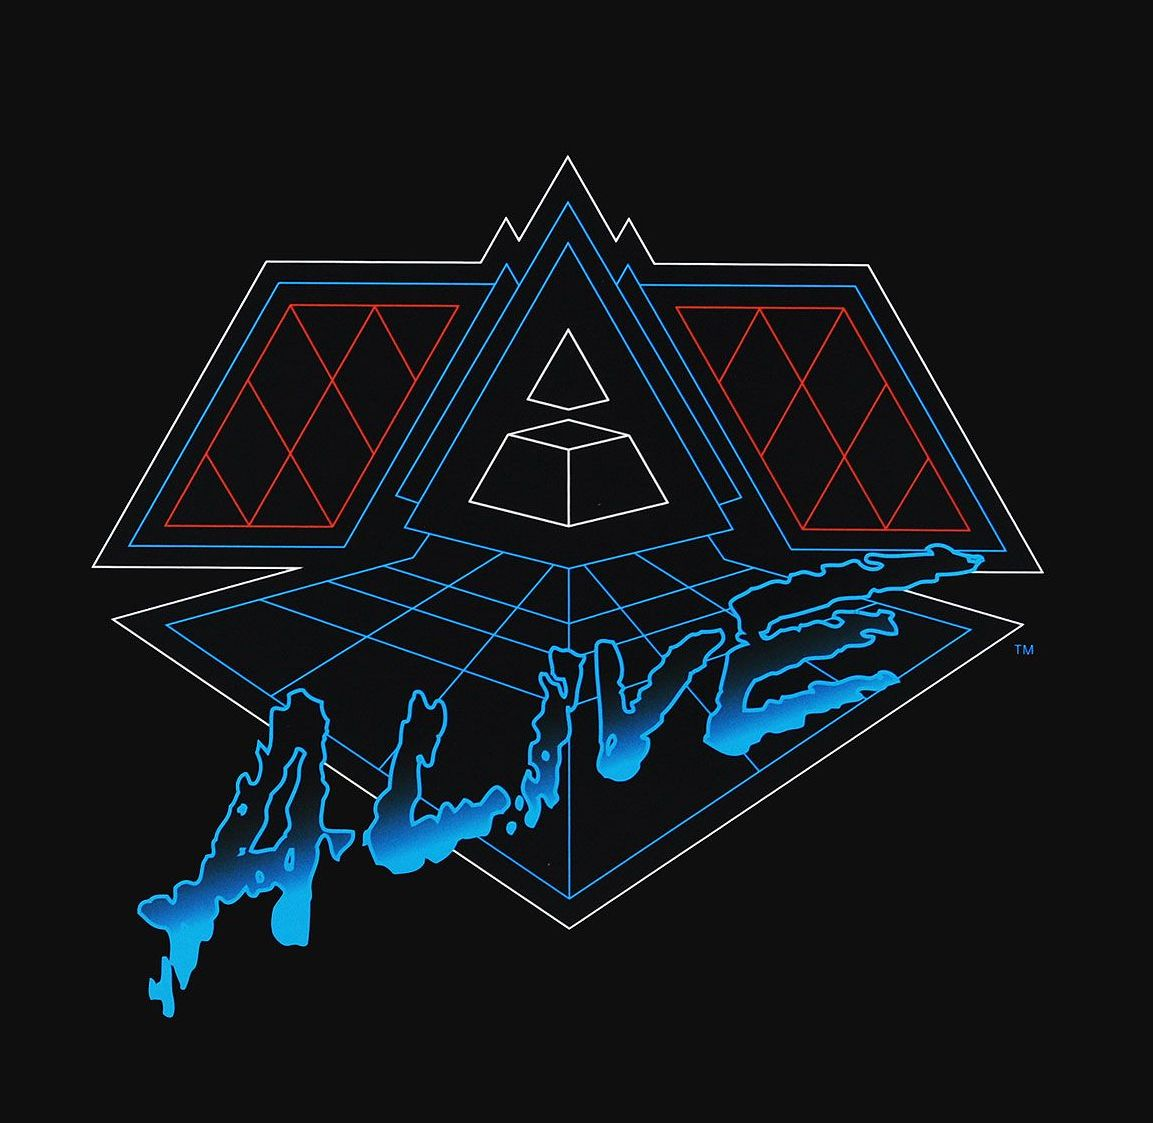 Daft PunkВиниловые пластинки<br>Виниловая пластинка<br>